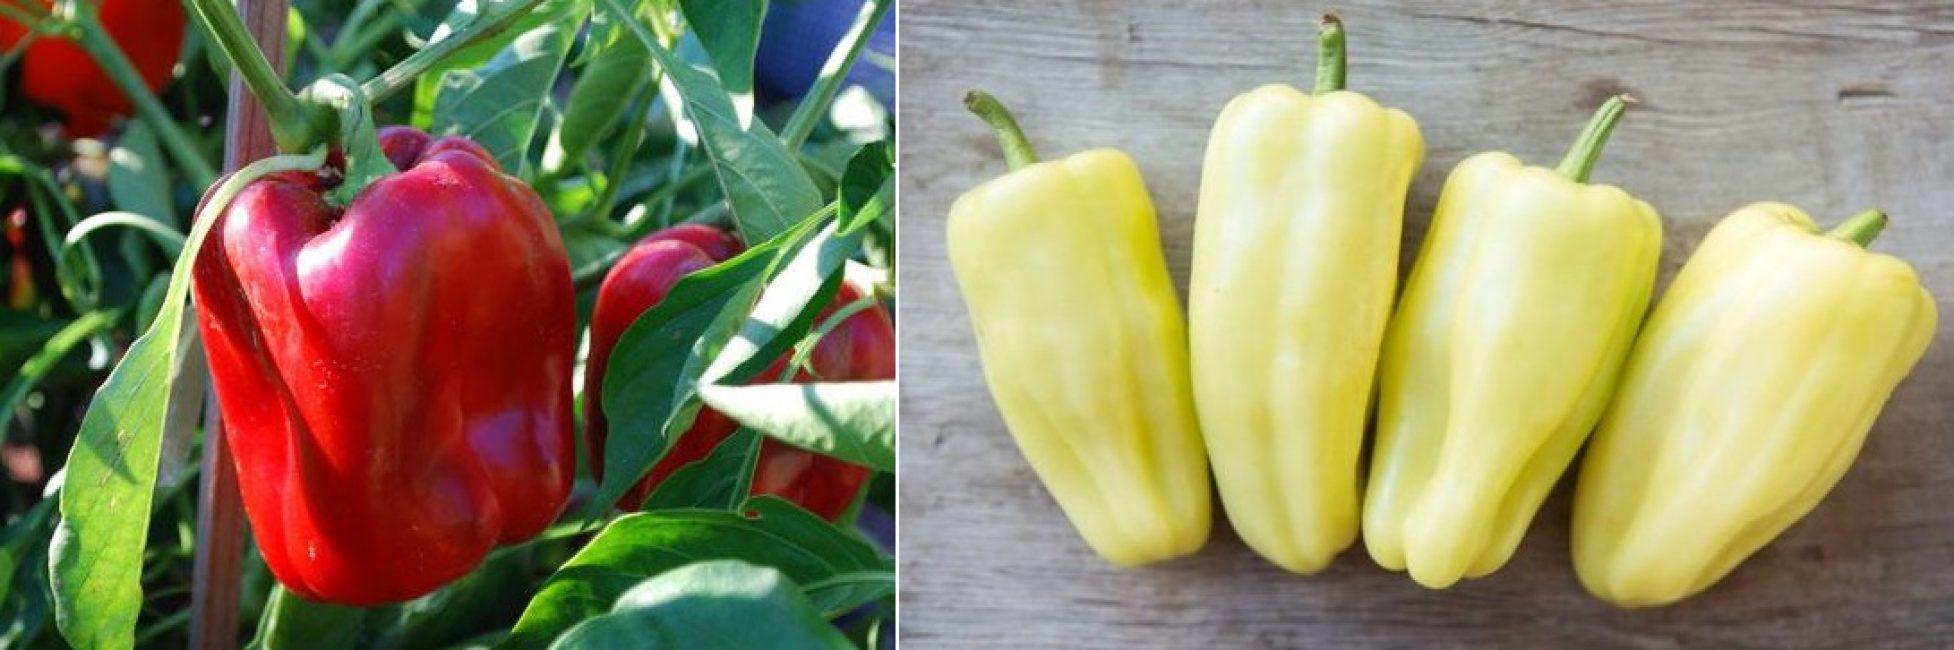 Сорт Белозерка с красными и желтыми плодами